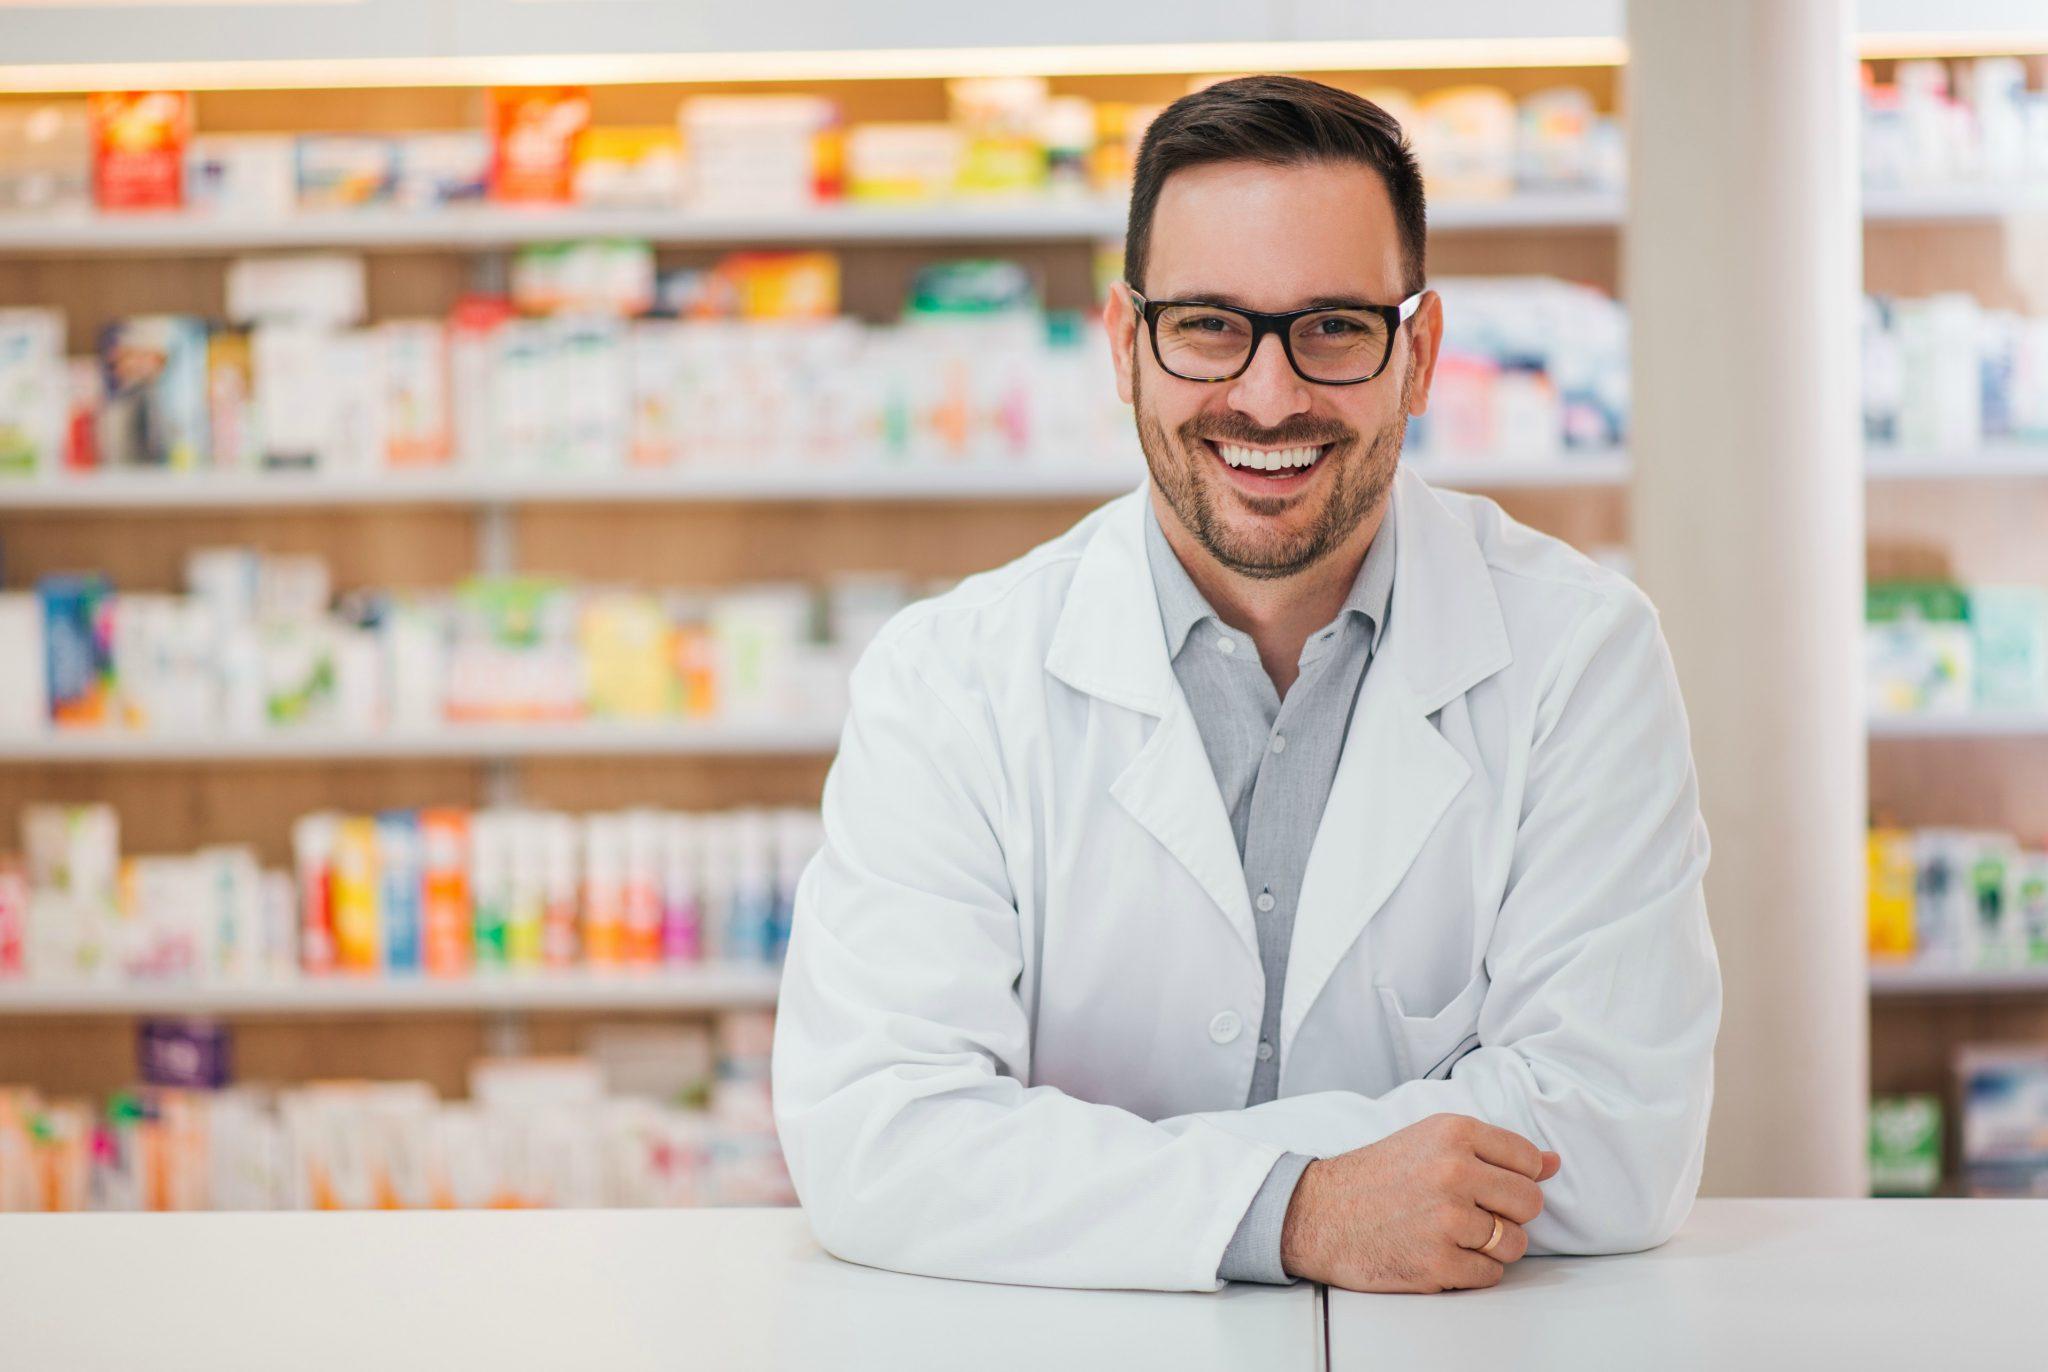 Piso salarial dos farmacêuticos